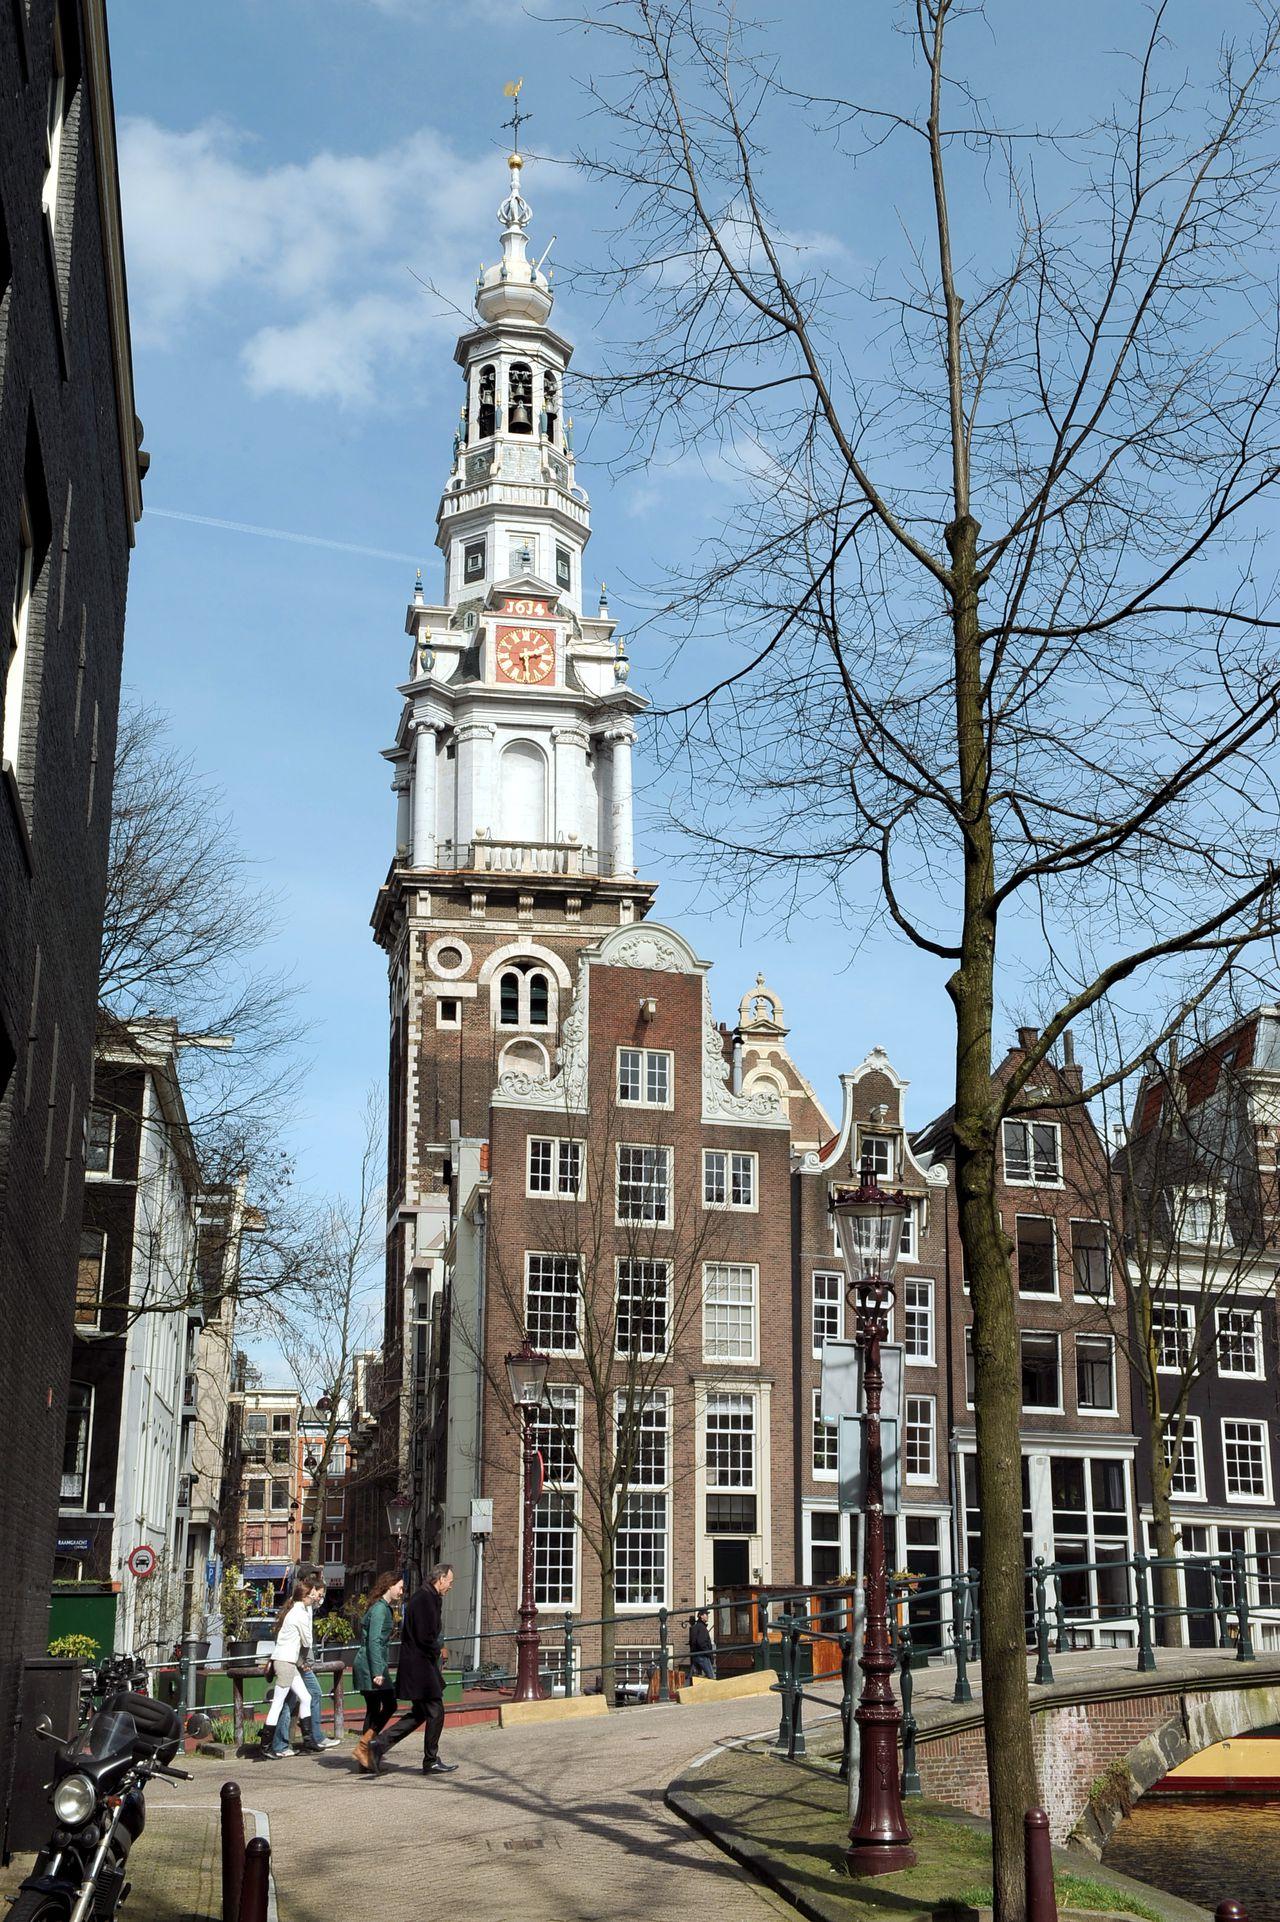 AMSTERDAM - Het Nationaal Historisch Museum gaat zich de komende vijf jaar vestigen in de Zuiderkerk in Amsterdam.De locatie is bedoeld als tijdelijk onderkomen. In het gebouw komt een kantoor en zullen tentoonstellingen en evenementen worden gehouden. Op de foto de Zuiderkerkstoren in Amsterdam,